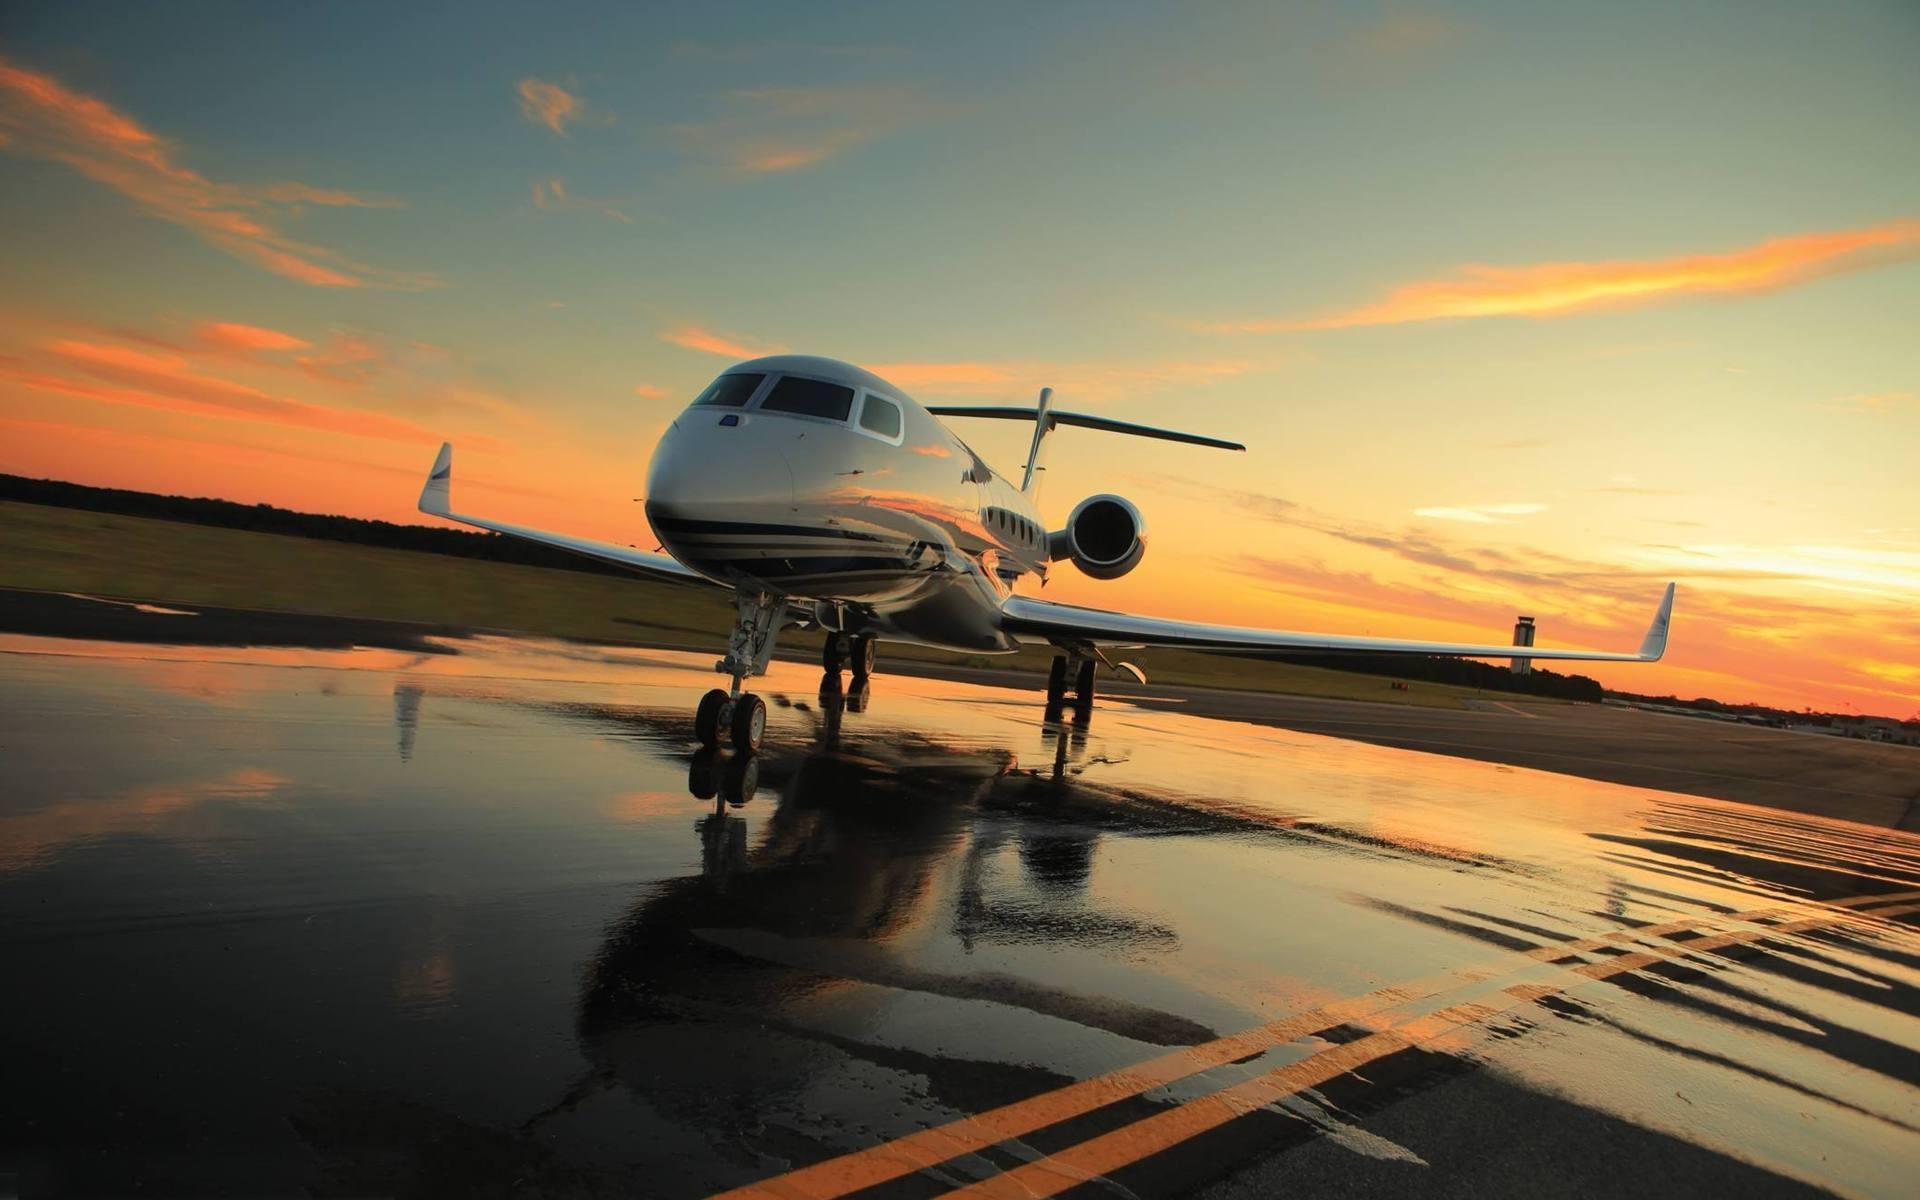 Plane Photos